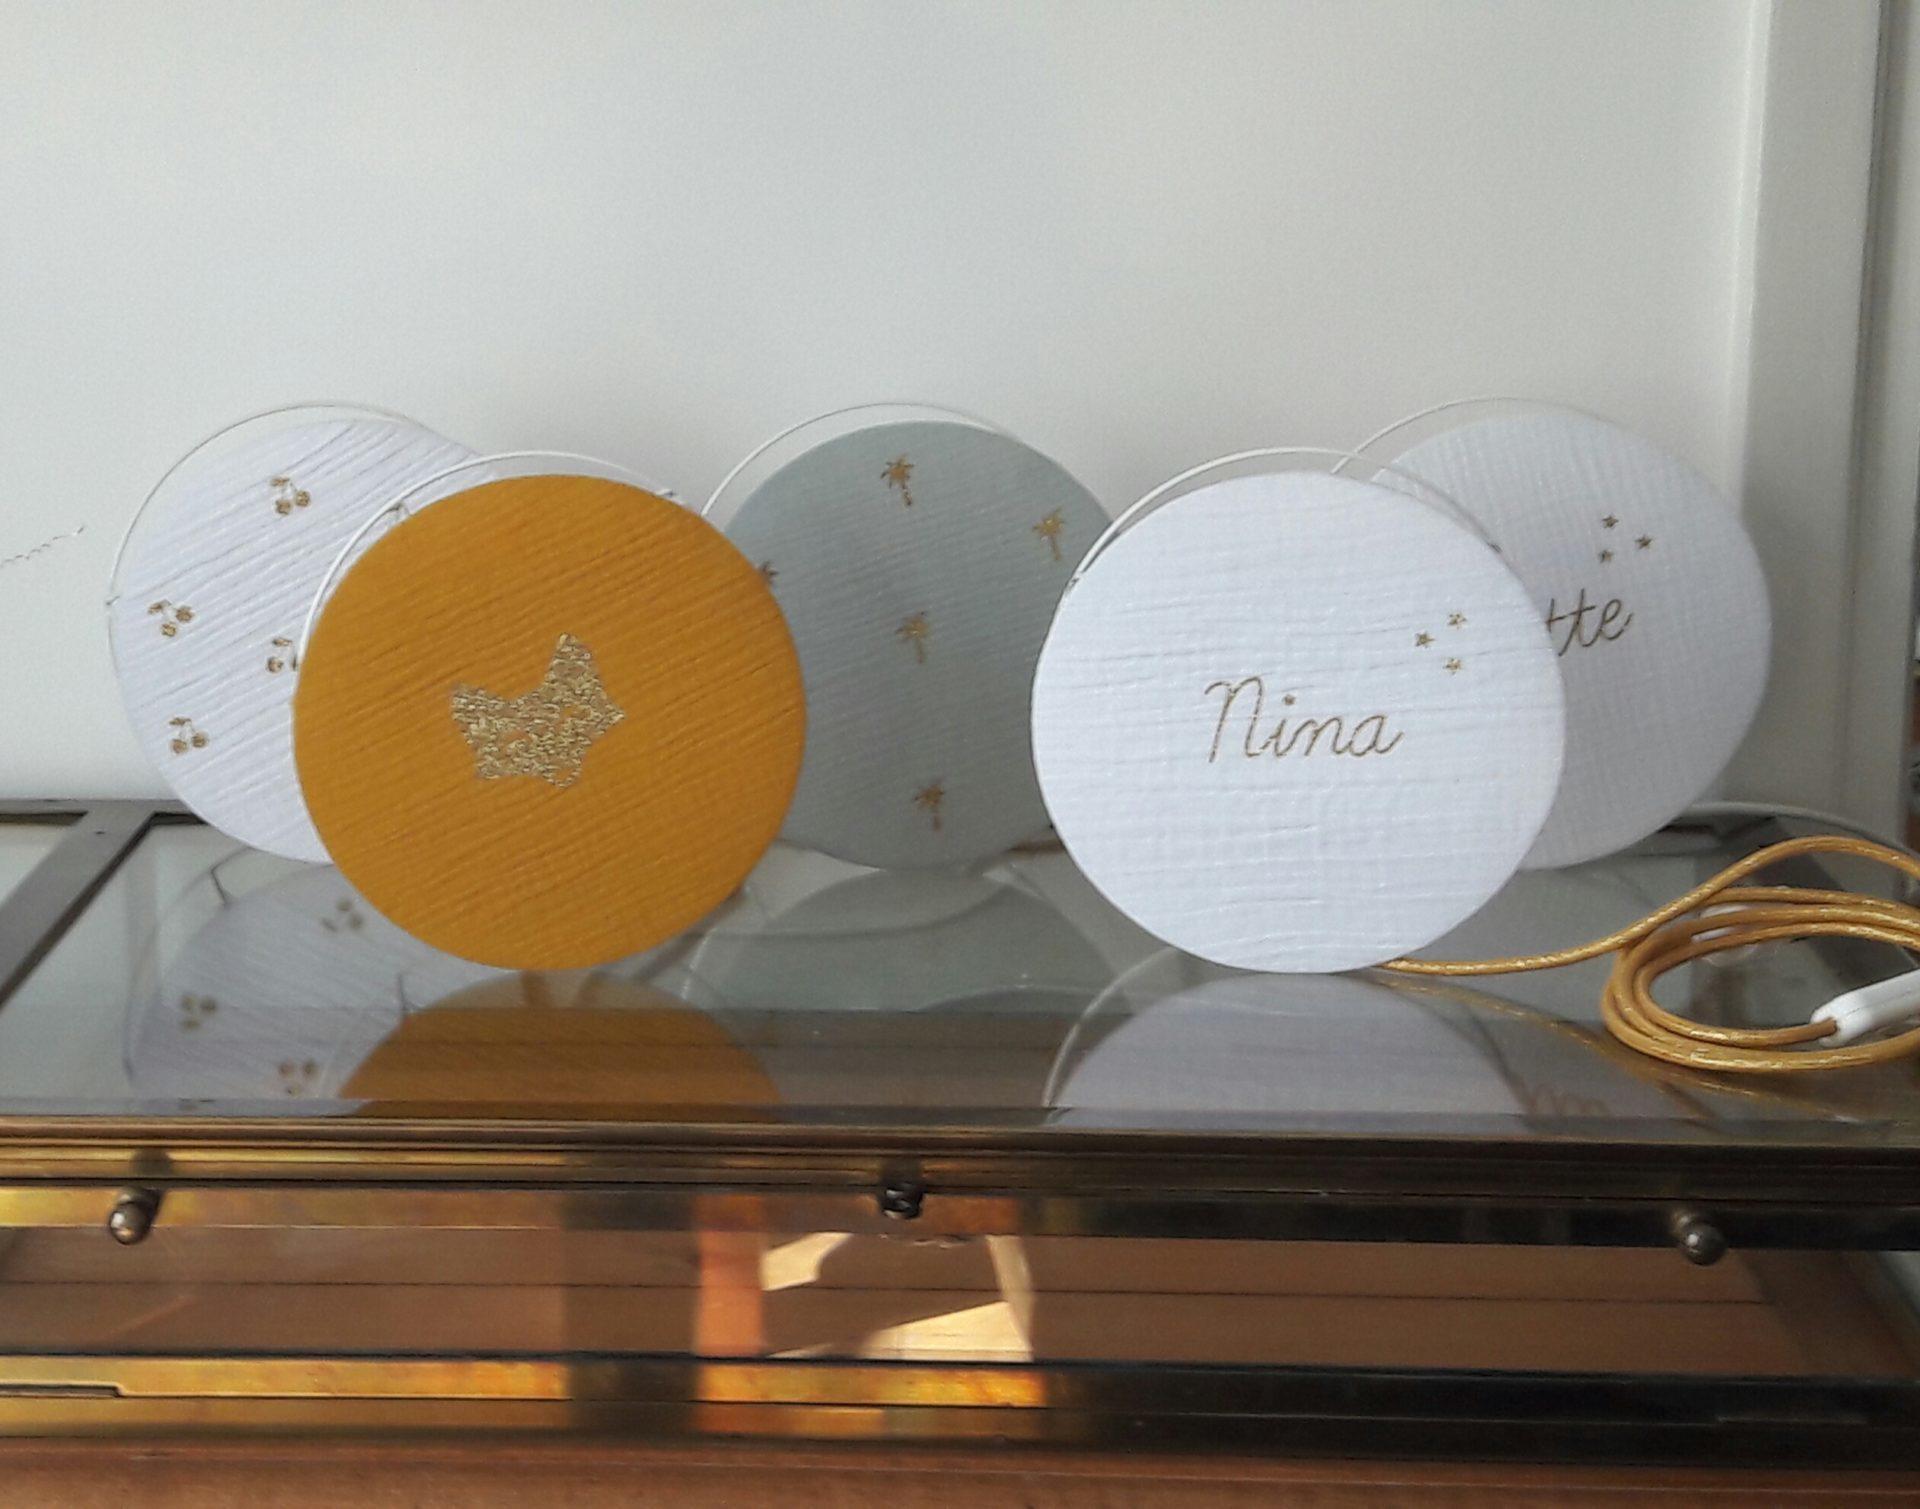 magasin luminaire lyon decoration chambre enfant lampe chevet objet deco gaze coton moutarde sur mesure personnalisation